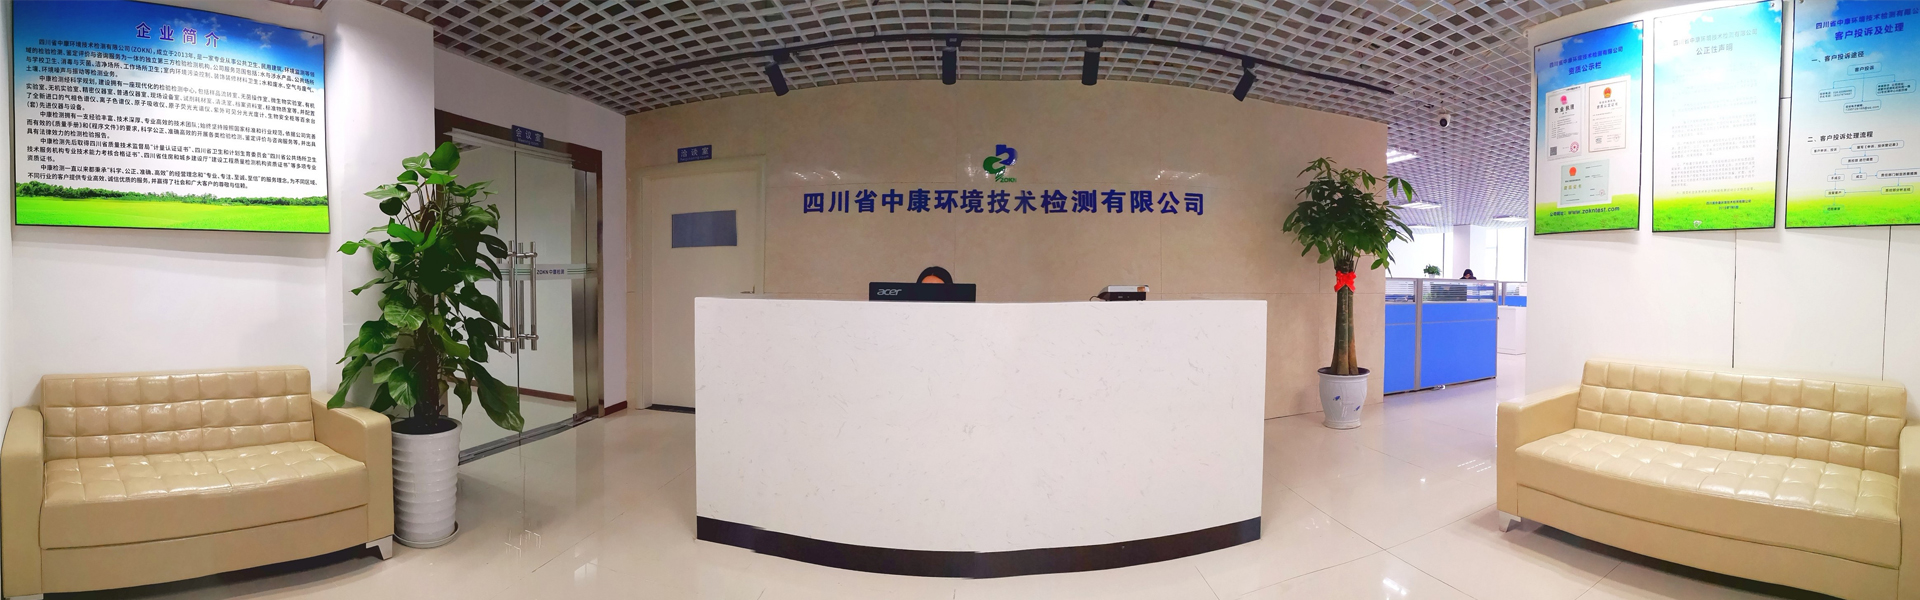 四川省中康環境技術檢測有限公司